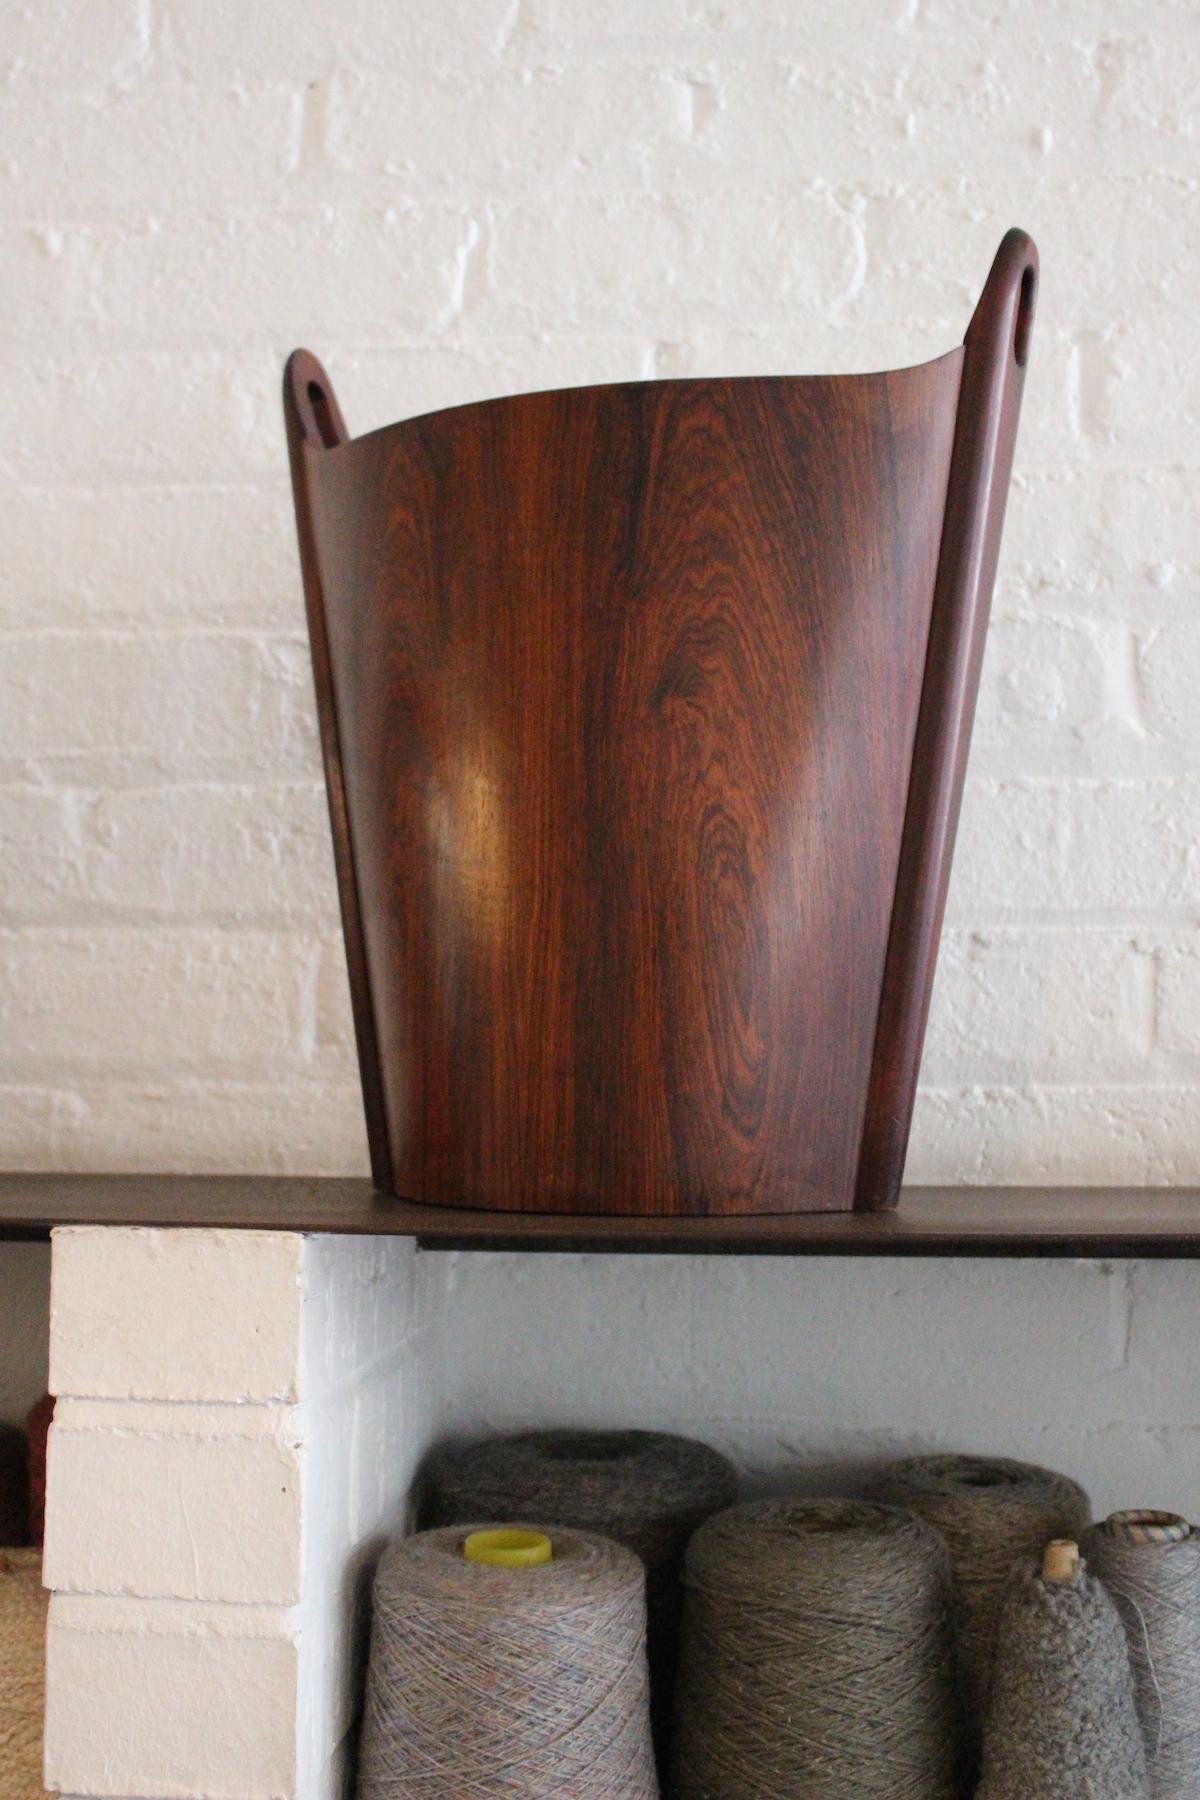 P S Heggen rosewood wastepaper bin